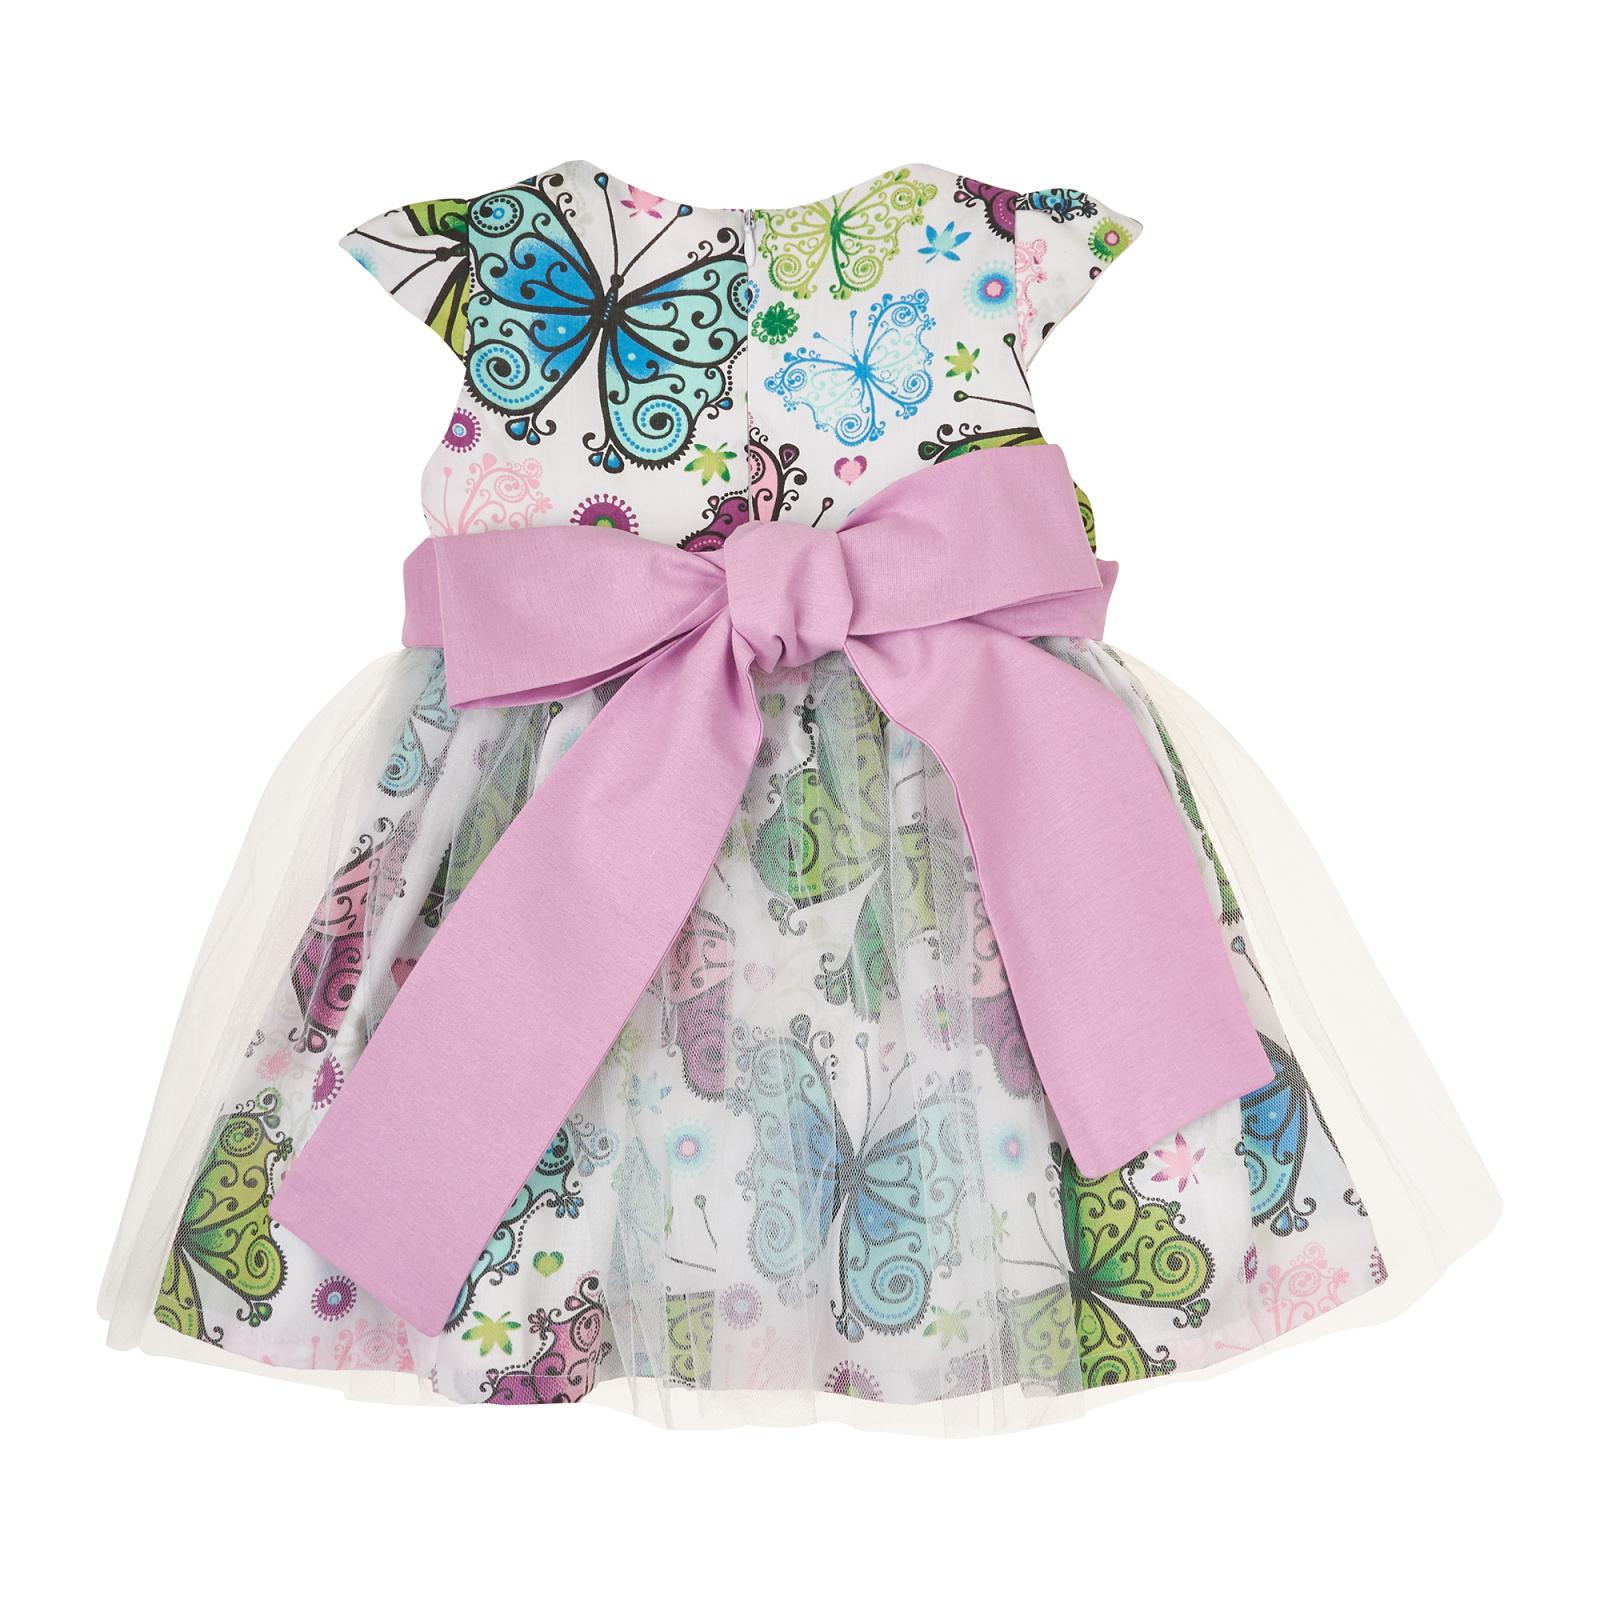 Платье детские Wuzazu  модель 7OQ~47661-1 отзывы, 2017